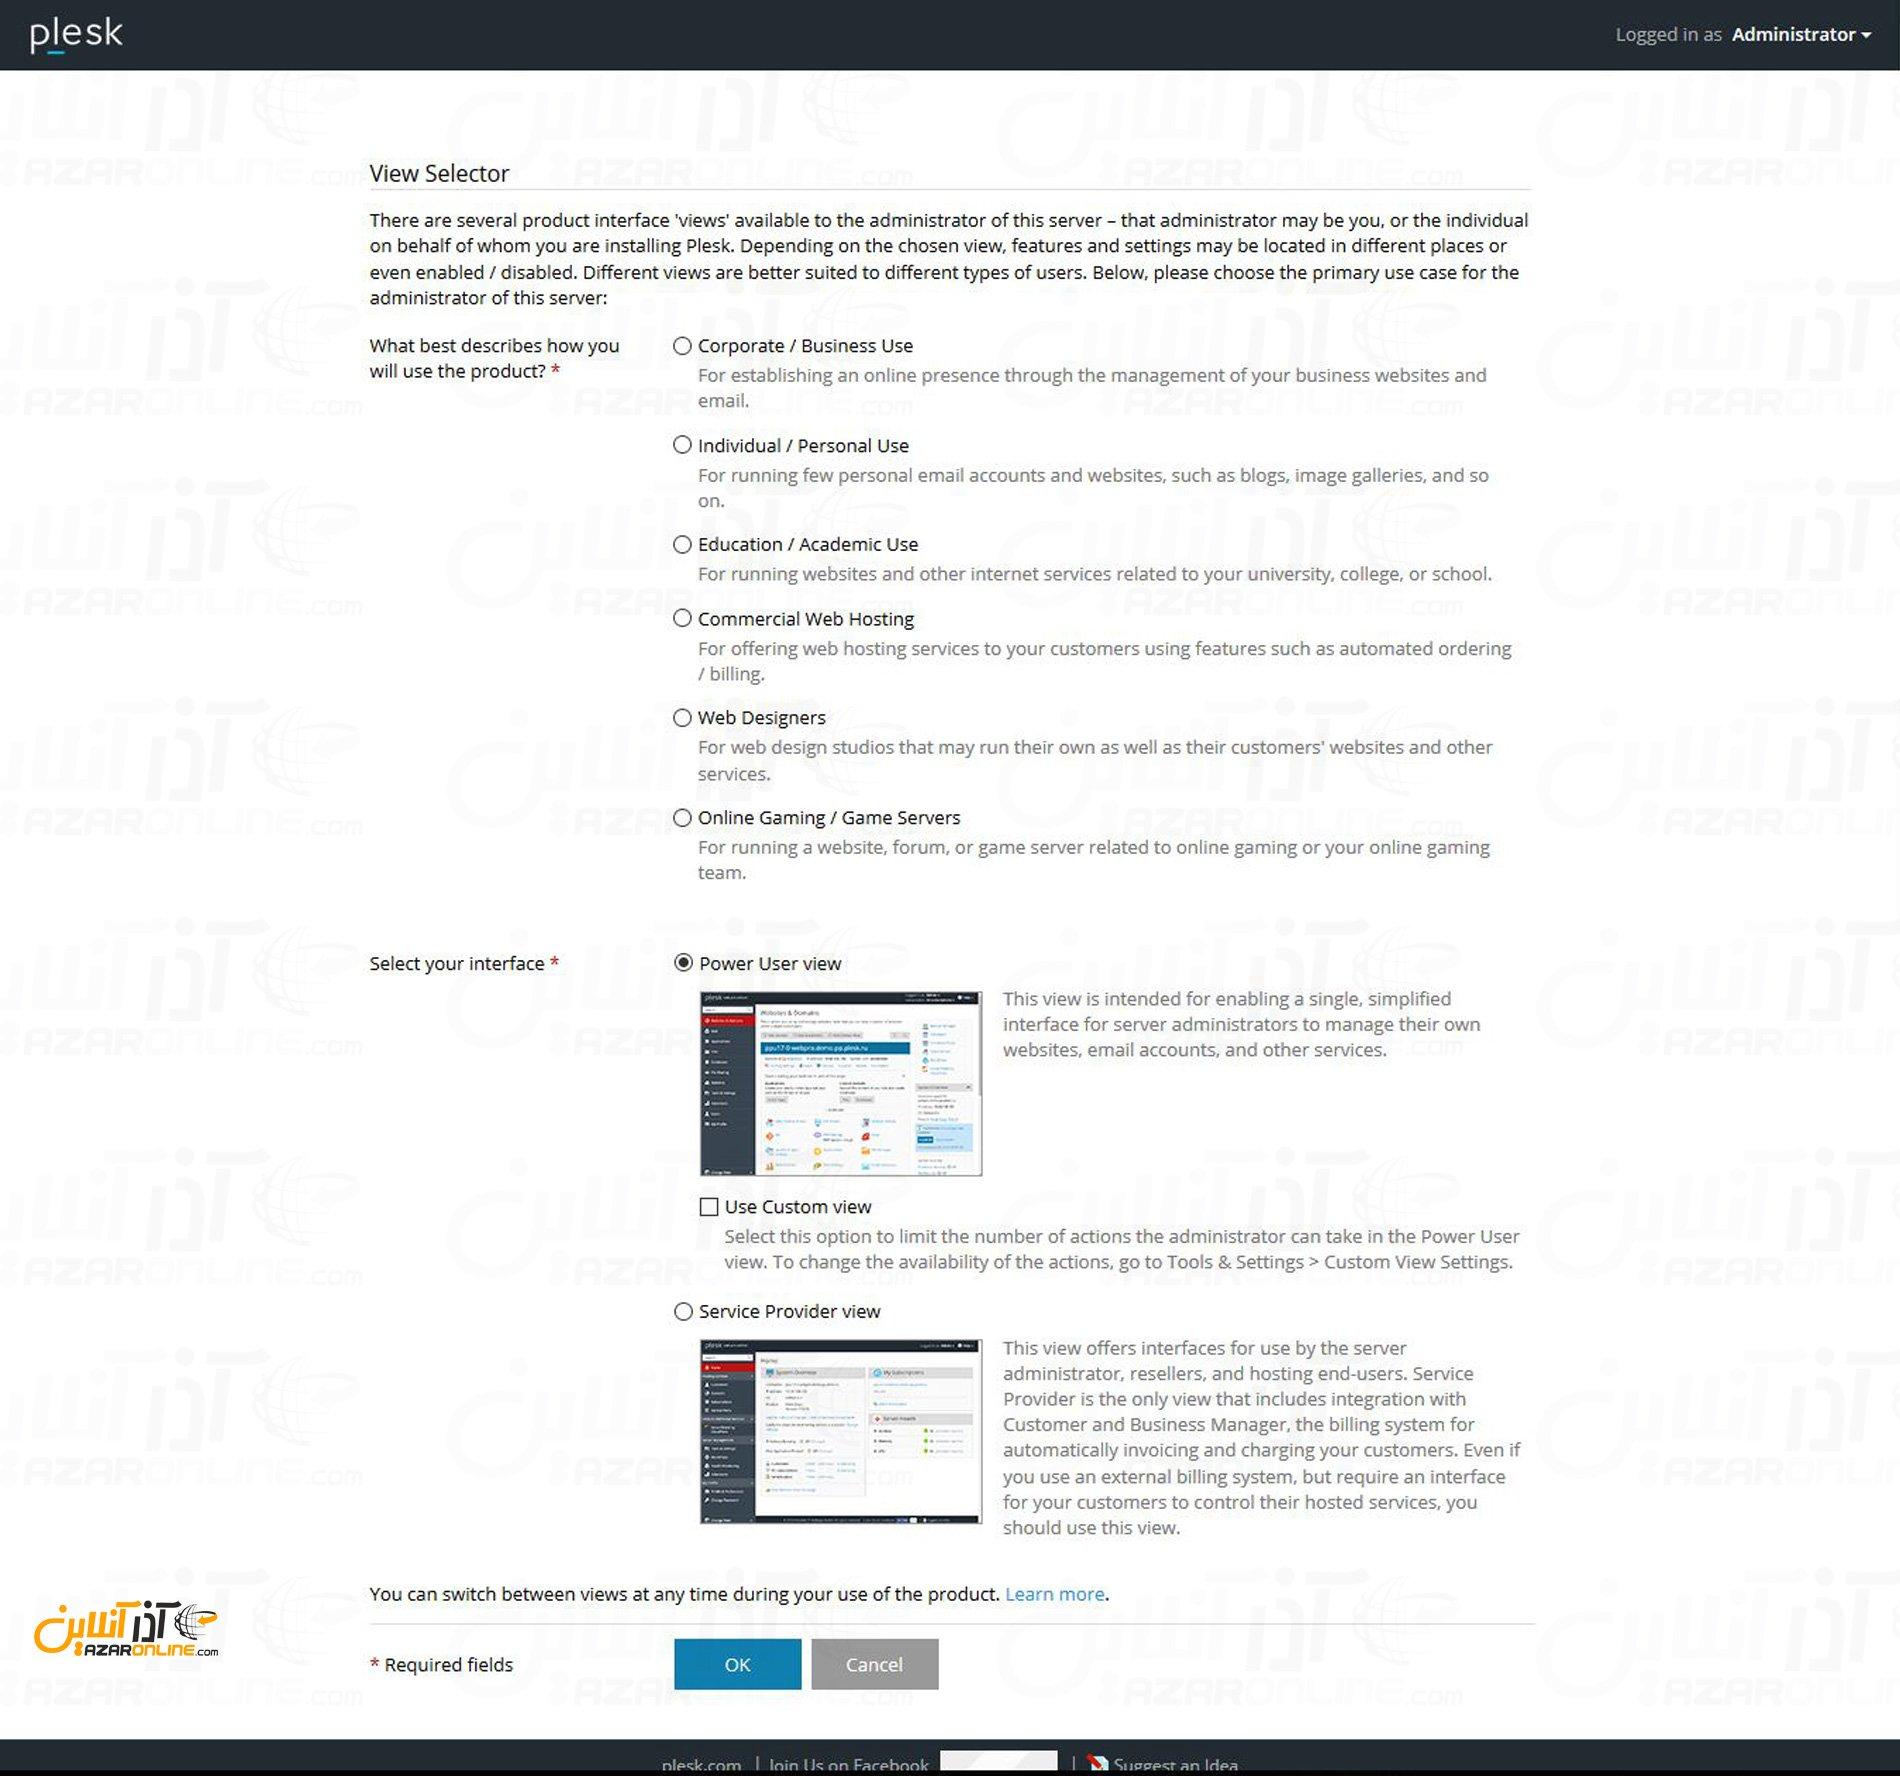 نصب پلسک روی لینوکس CentOS - انتخاب نوع مصرف و پوسته